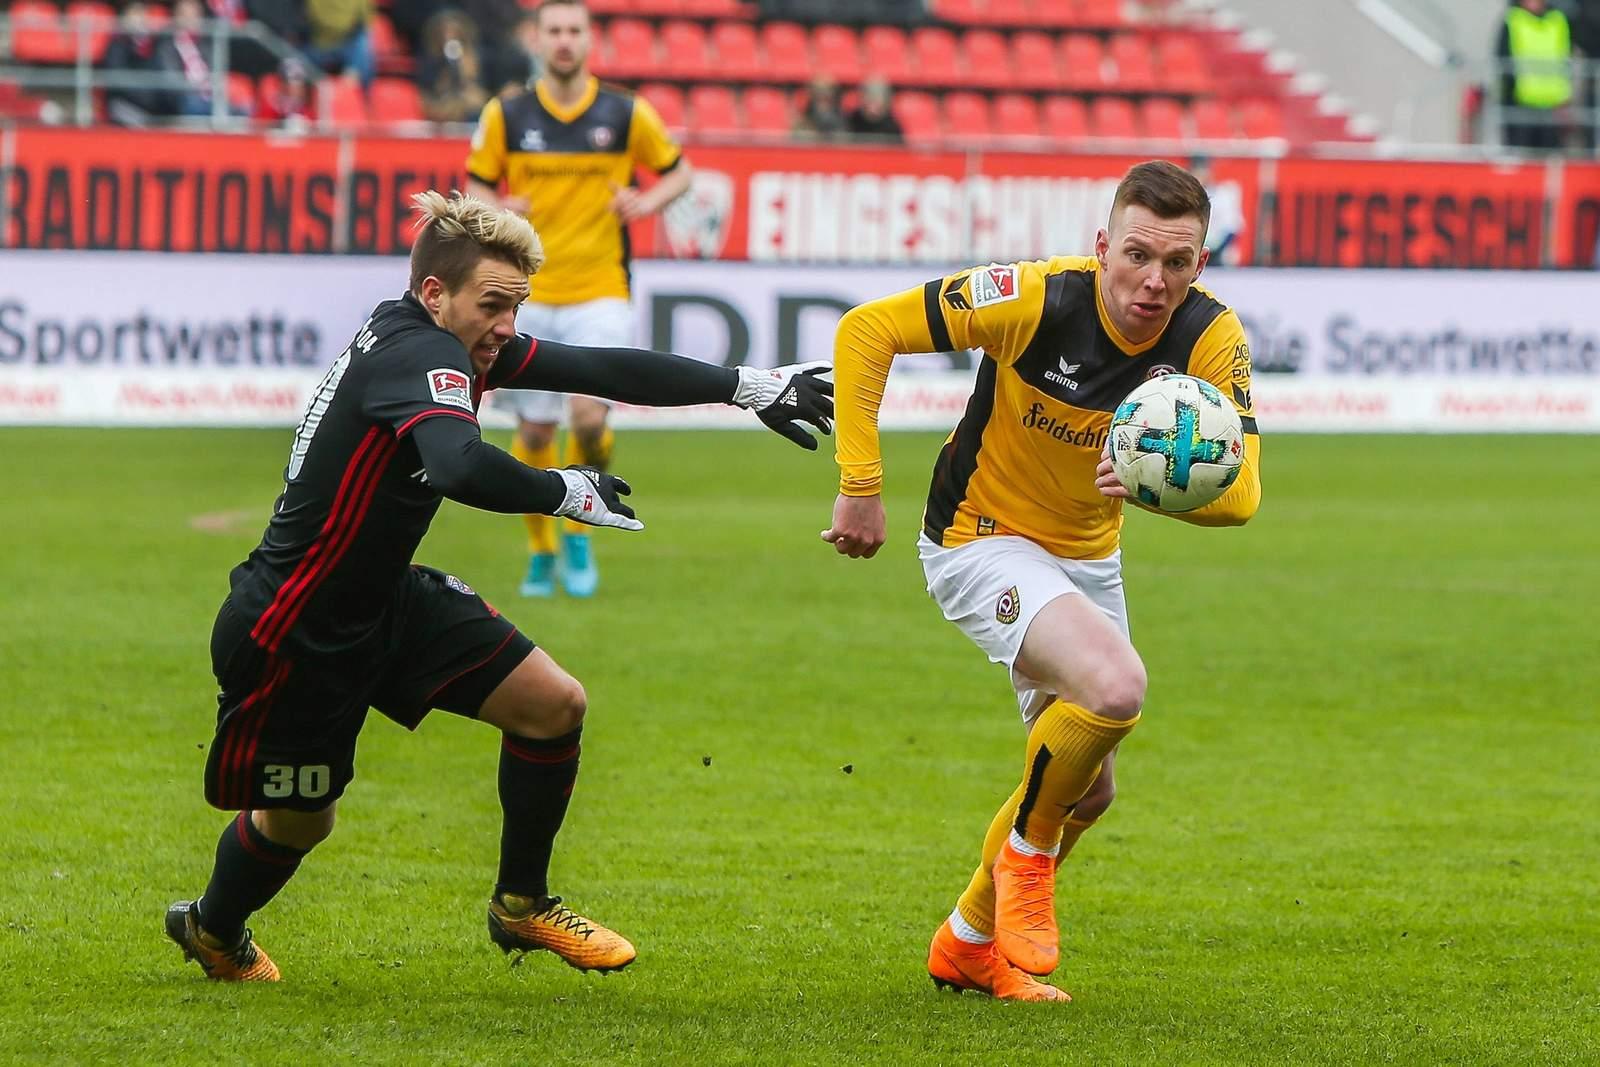 Behauptet Haris Duljevic den Ball im Zweikamof mit Thomas Pledl? Jetzt auf Dresden gegen Ingolstadt wetten.